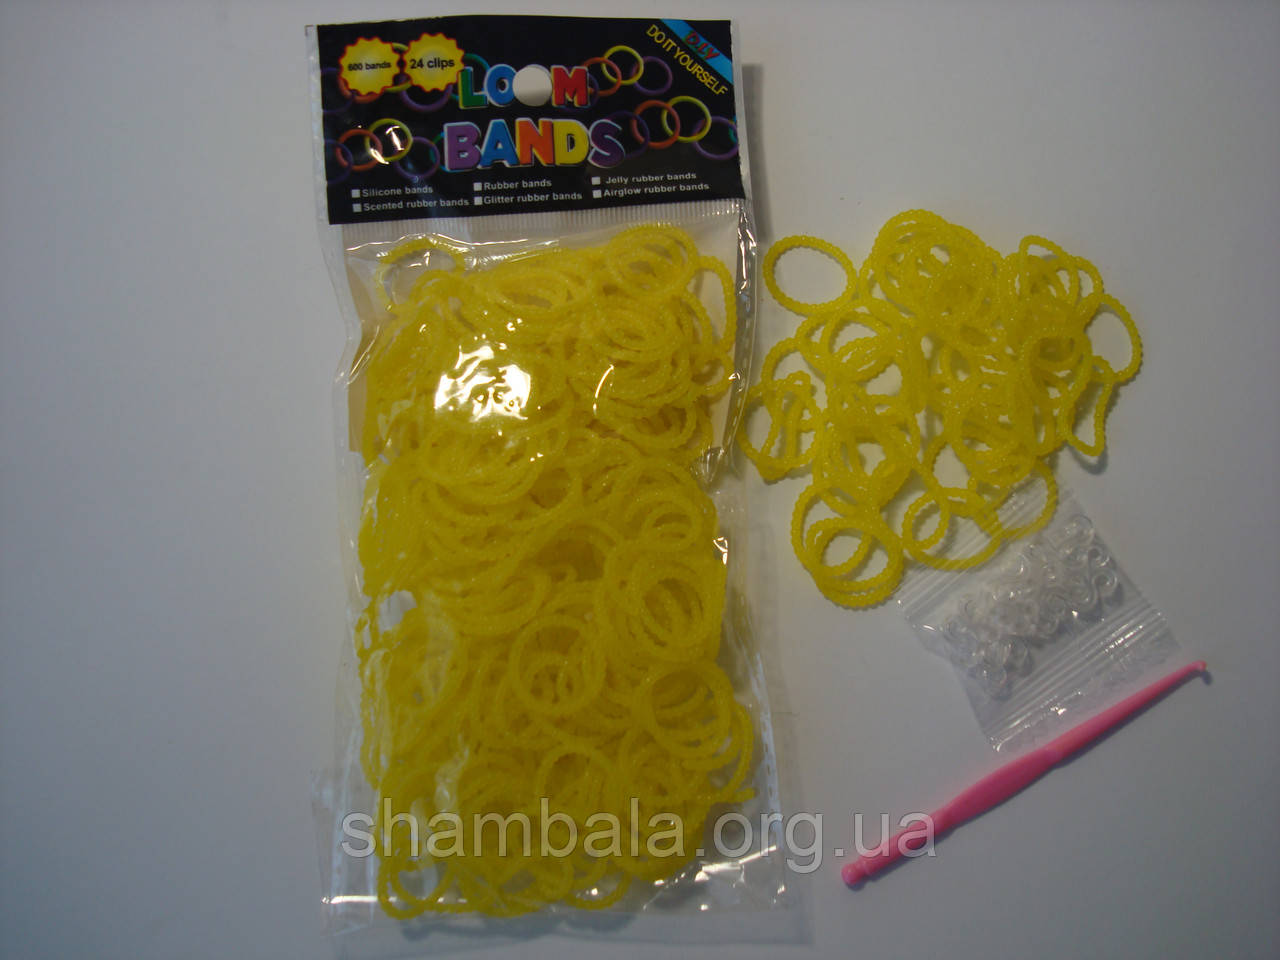 600 штук ярко желтых пупырчатых резиночек для плетения Loom Bands